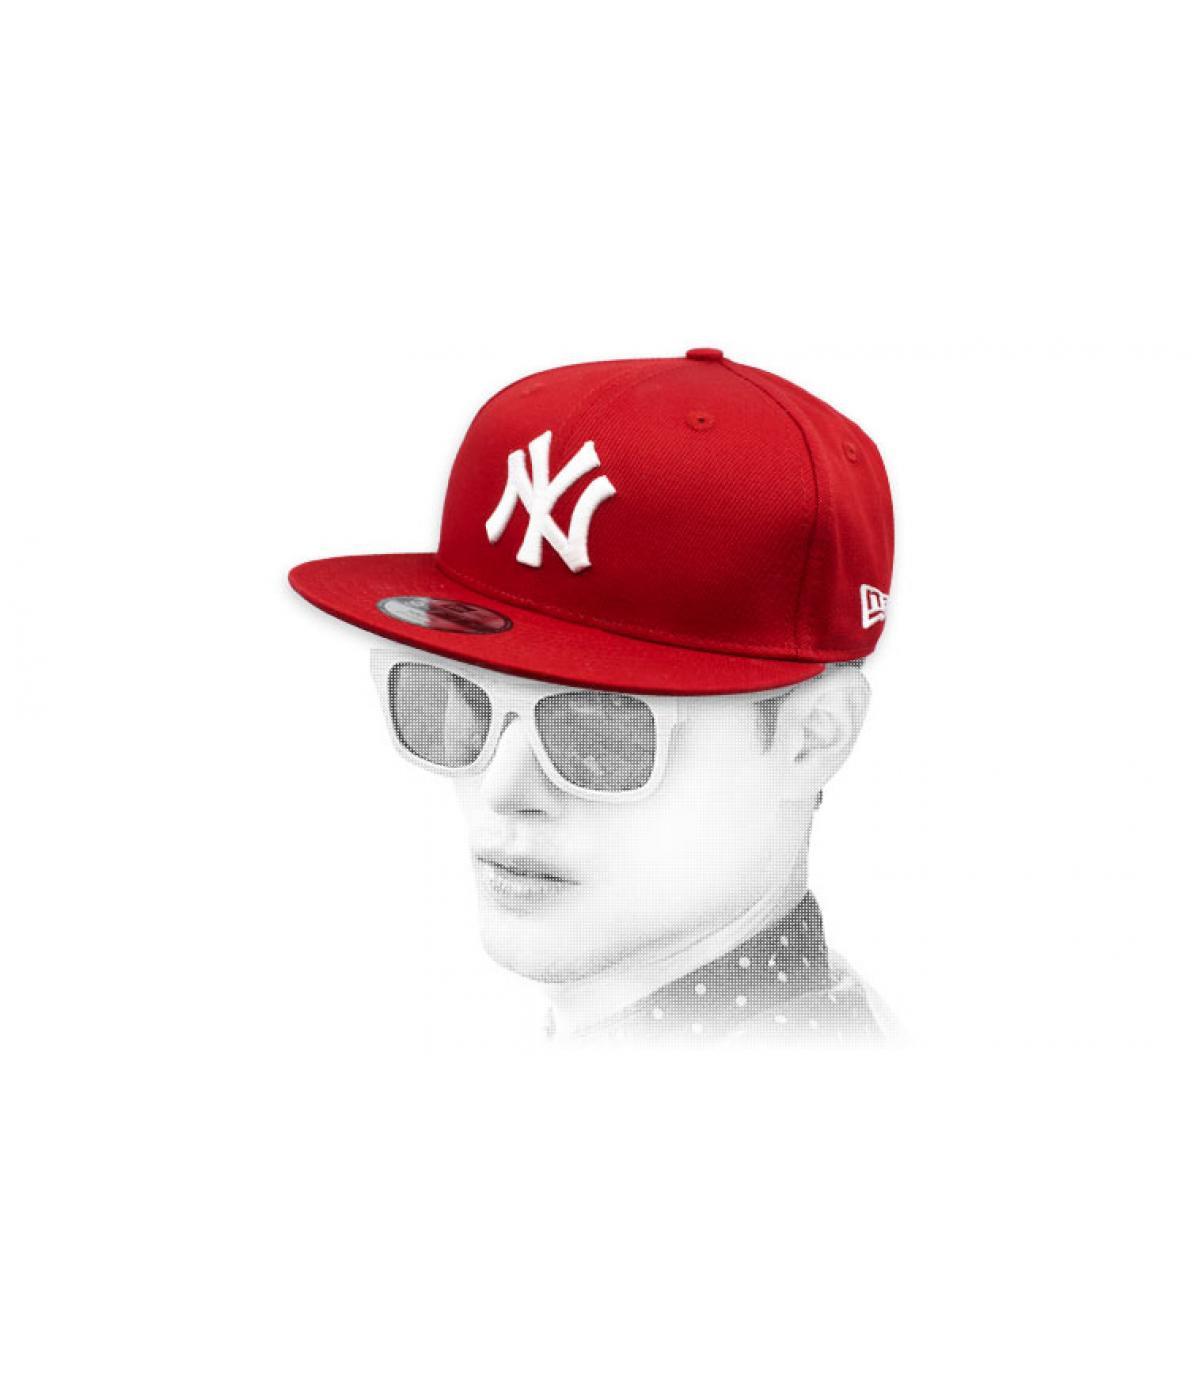 NY snapback bianco bordeaux